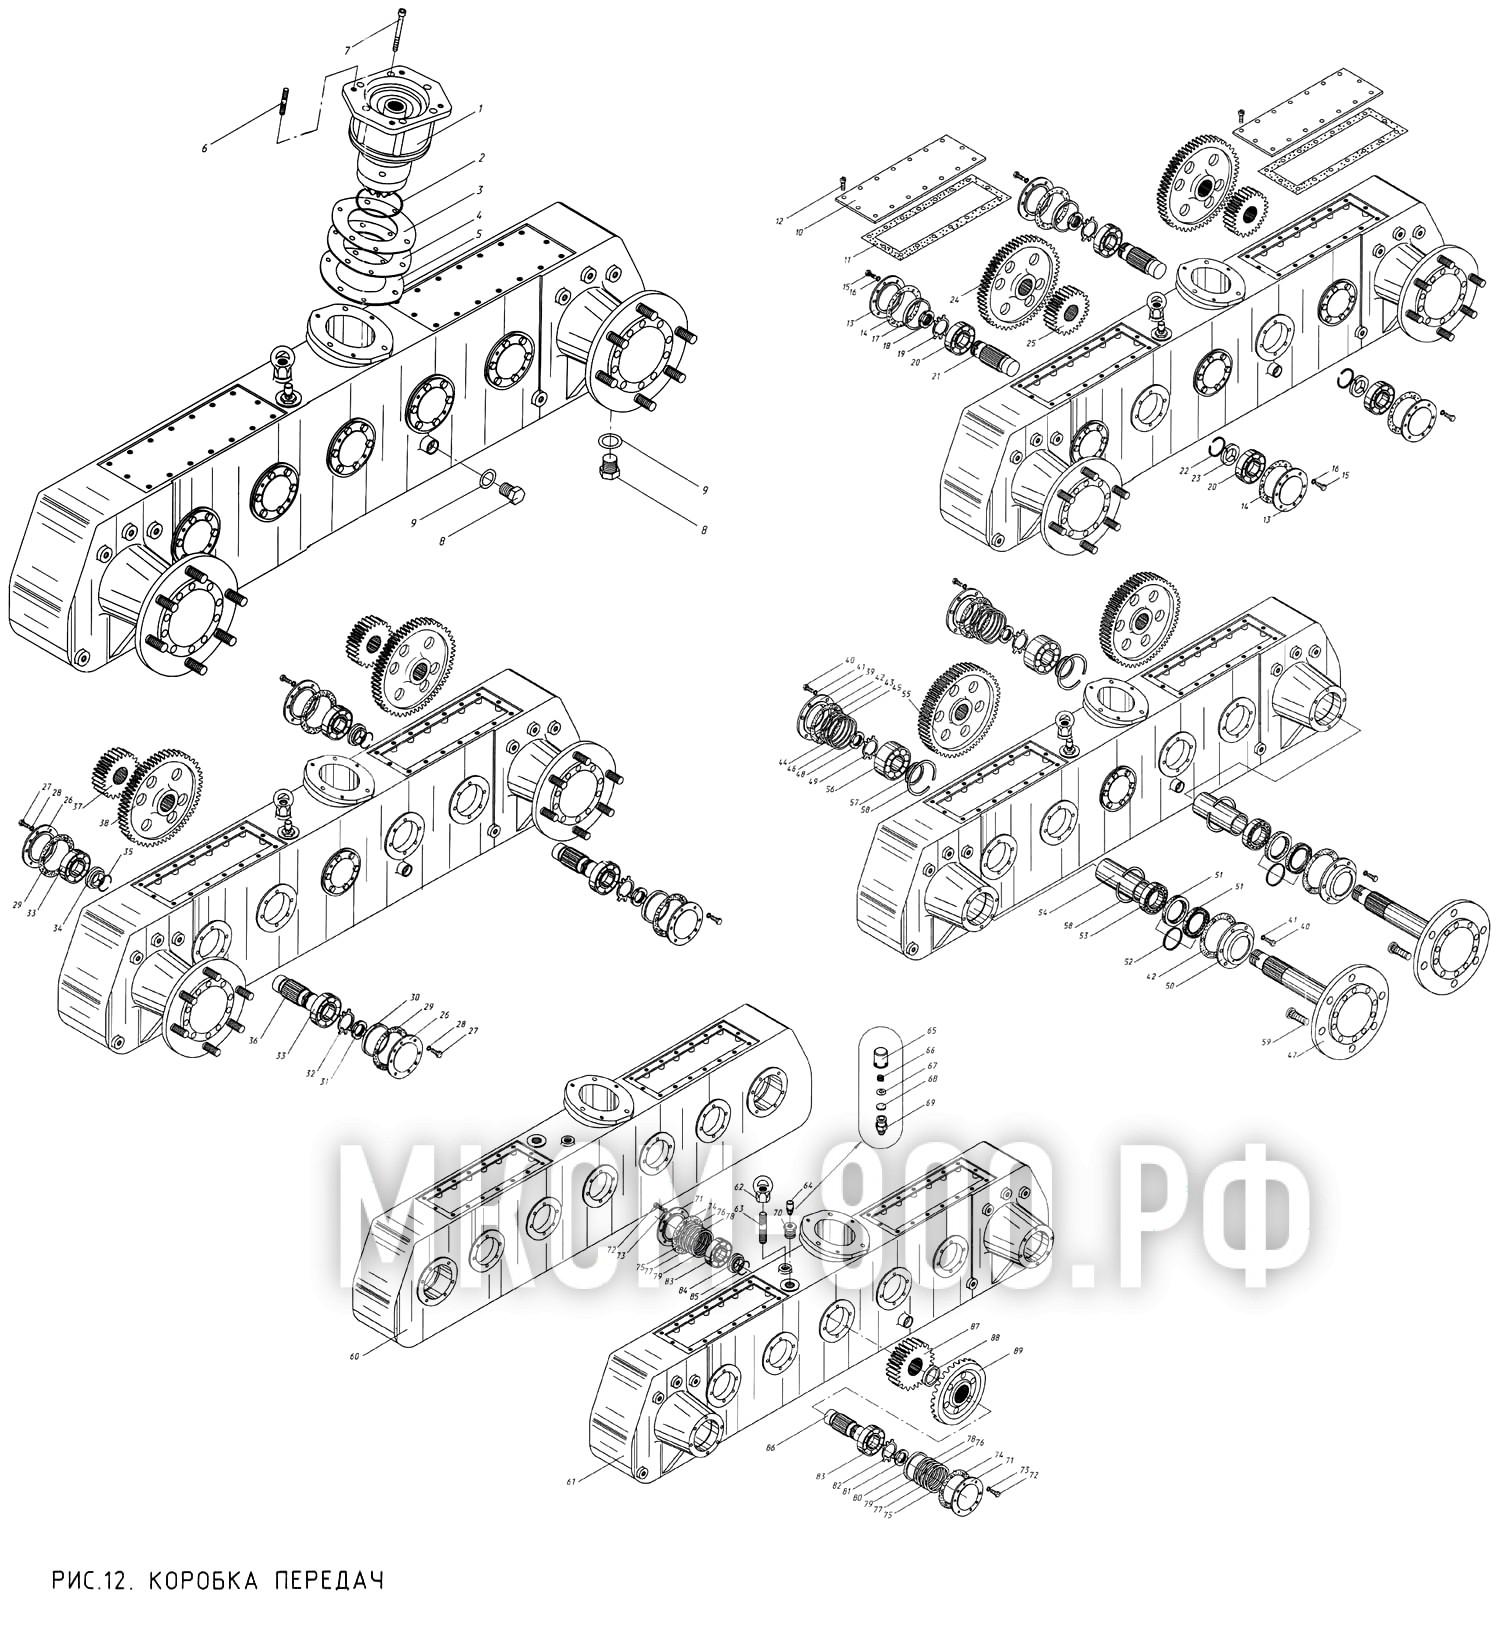 МКСМ-800 - Коробка передач